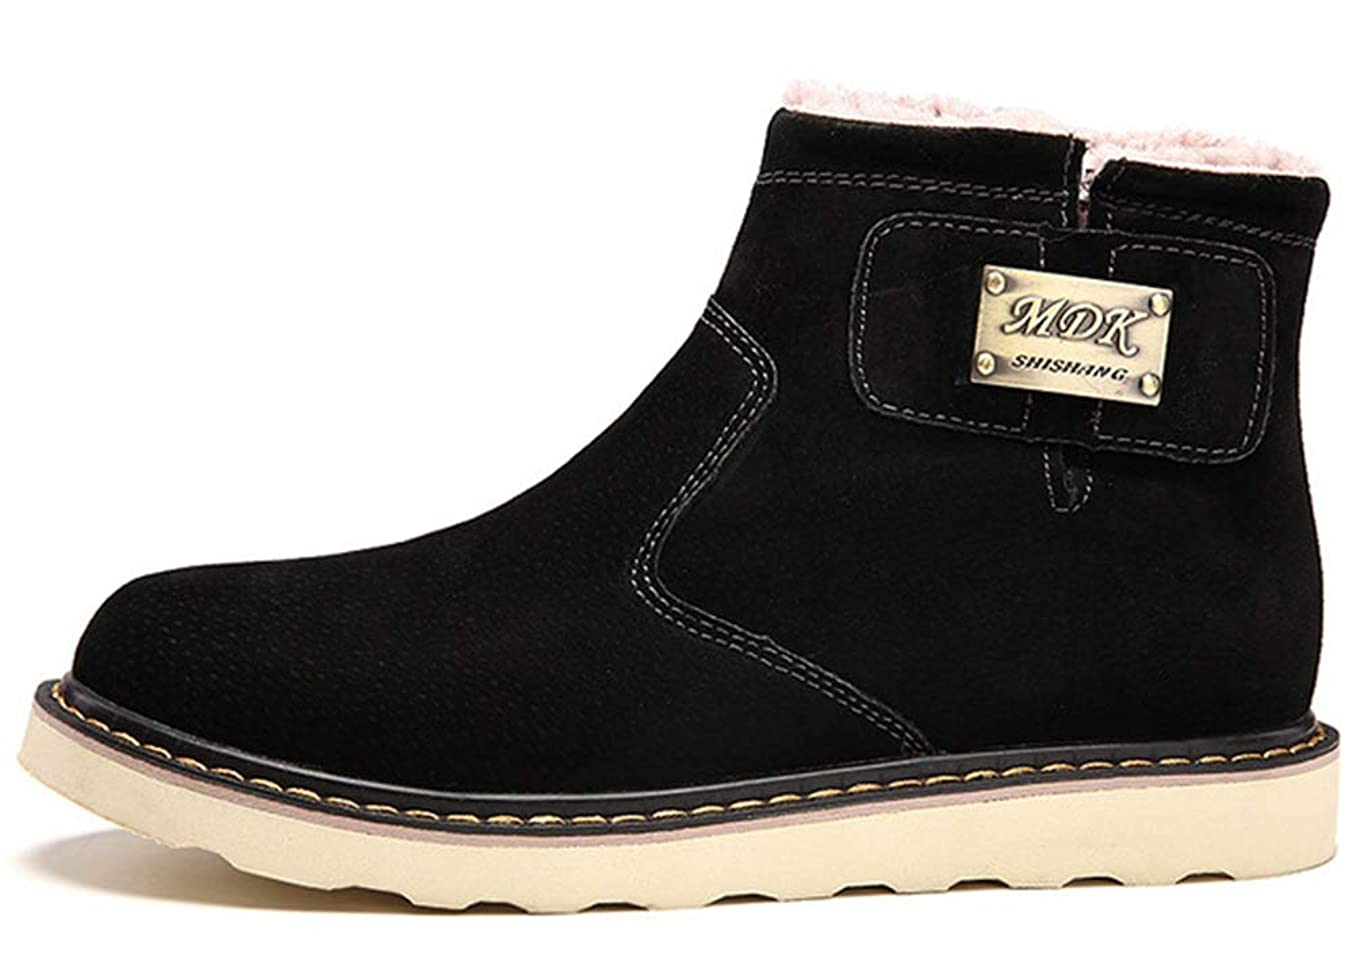 廃止枯渇するレキシコンスノーシューズ ブーツ メンズ 防滑 防水 防寒のスノーブーツ 雪靴 アウトドア 通勤用